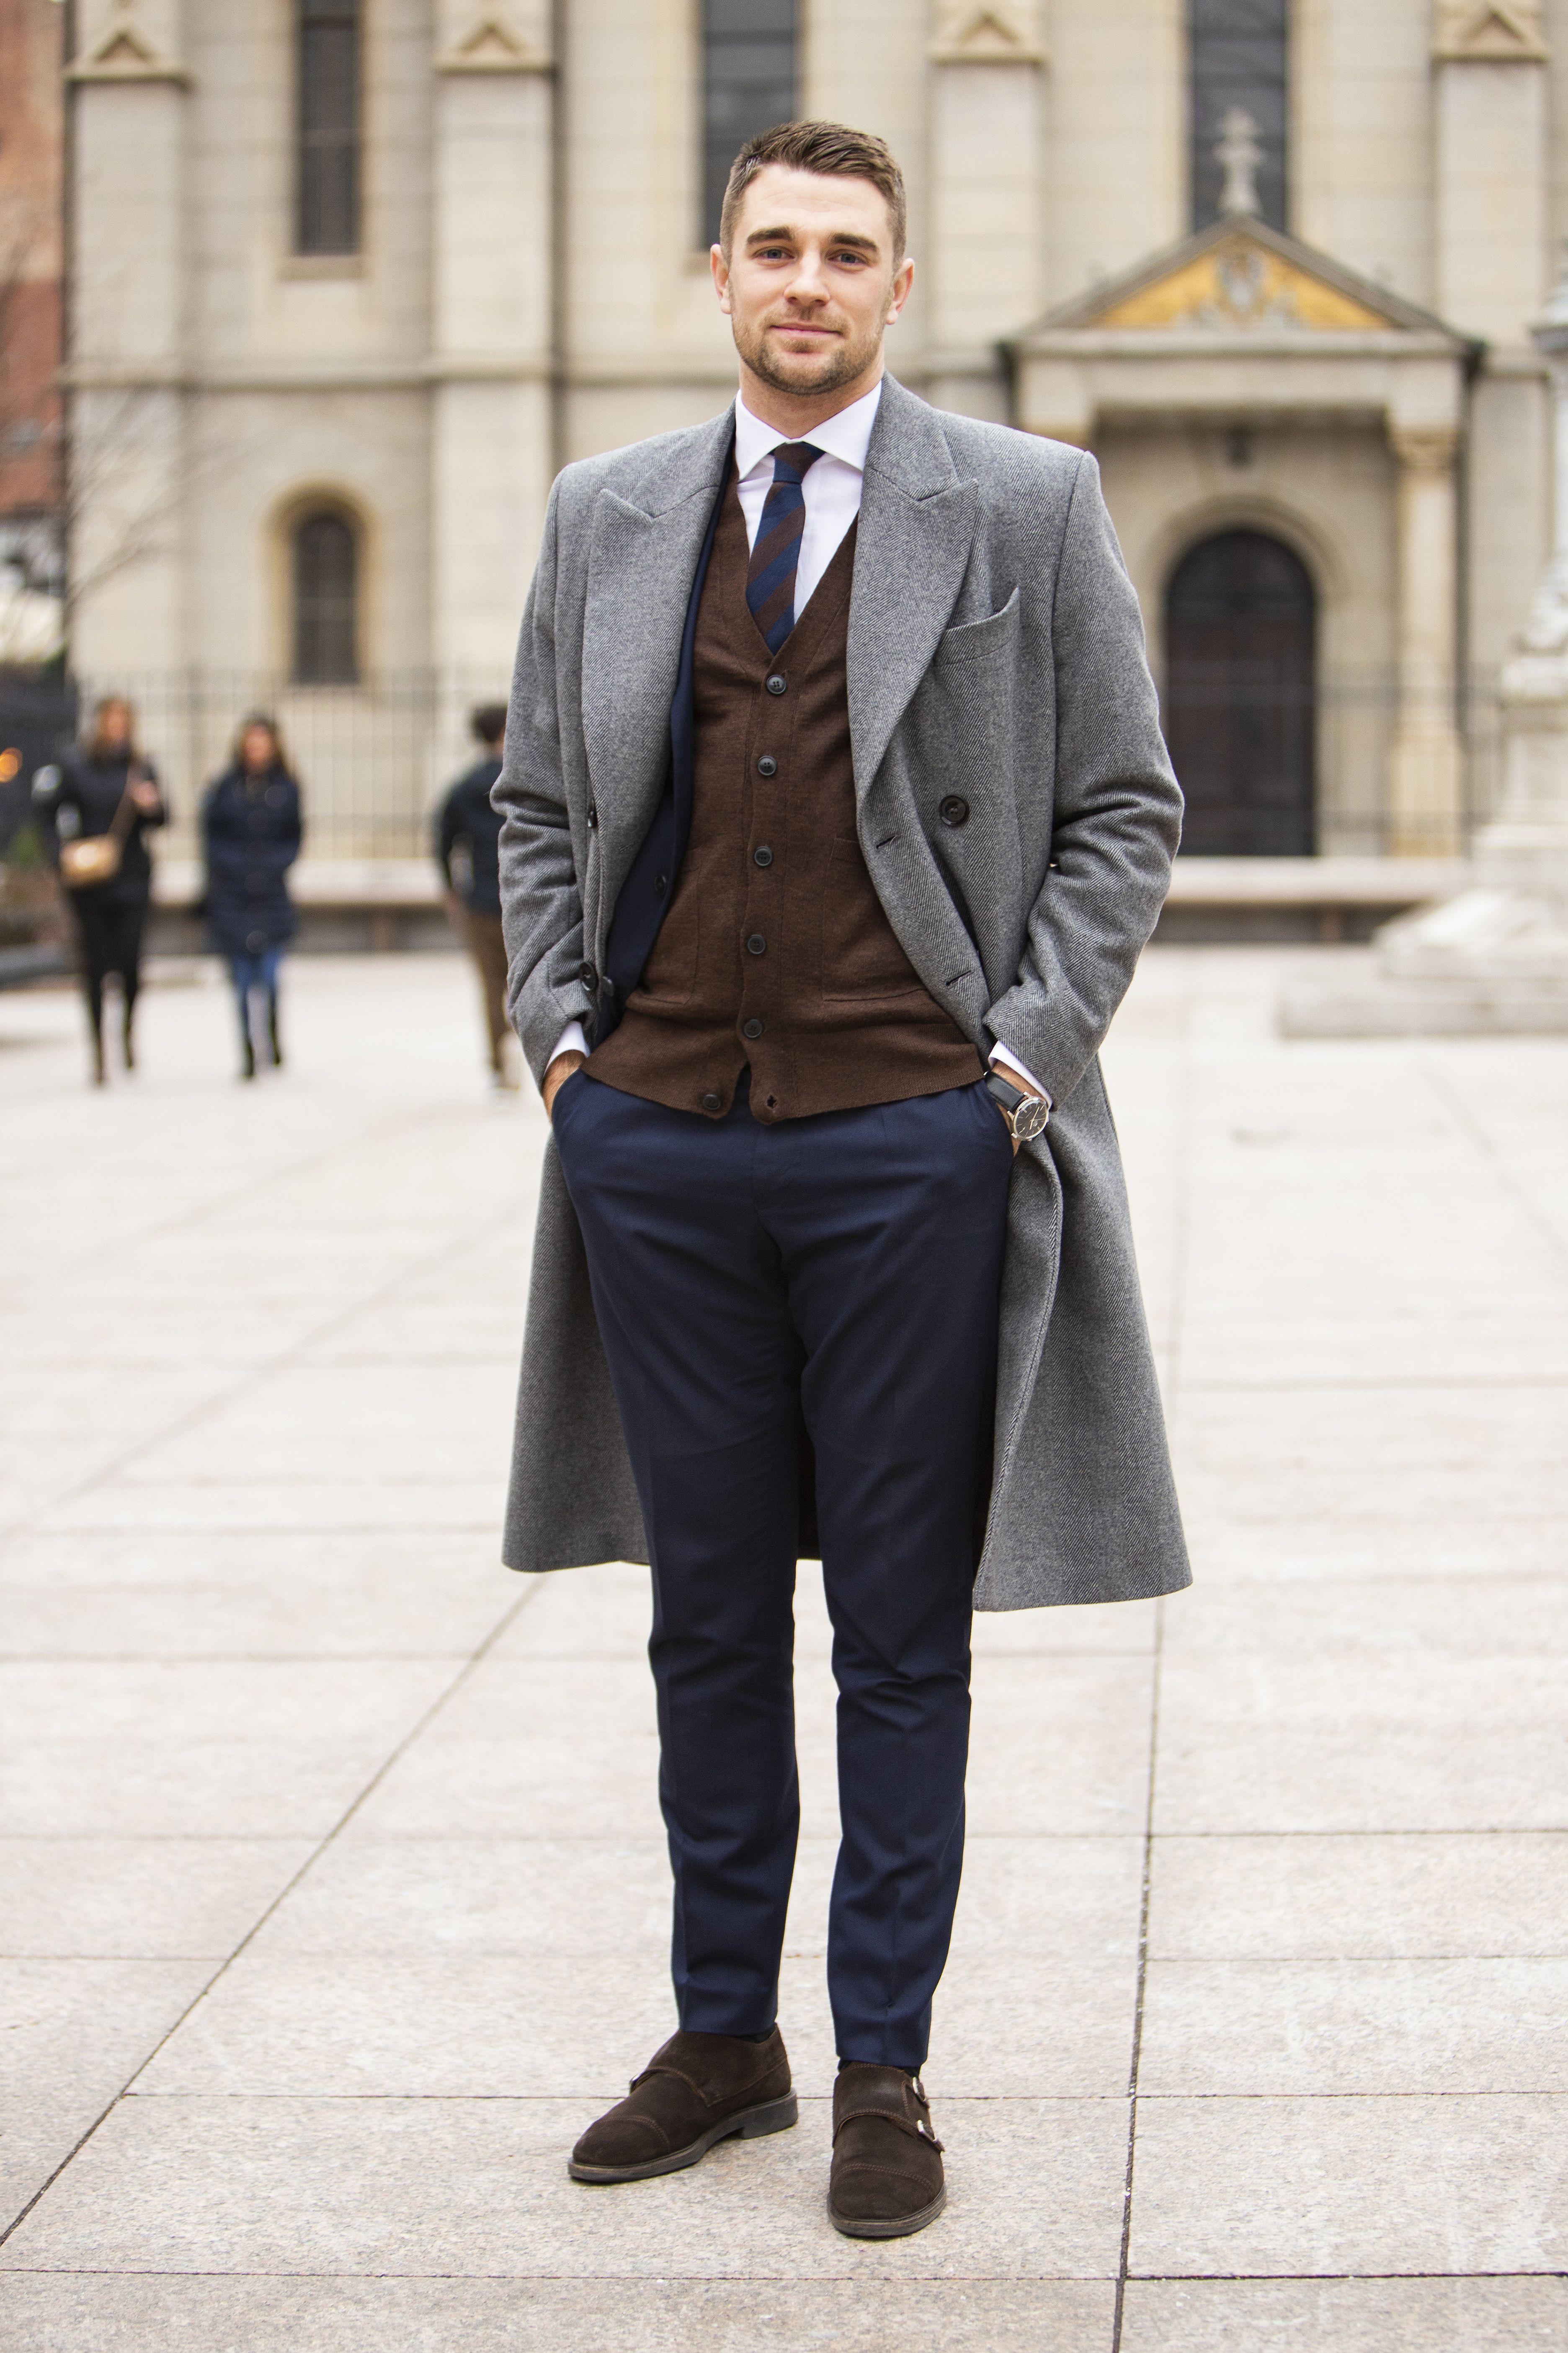 Kakav zgodan frajer: Radi kao menadžer, obožava odijela i točkaste kravate, a slobodno vrijeme troši na sport!